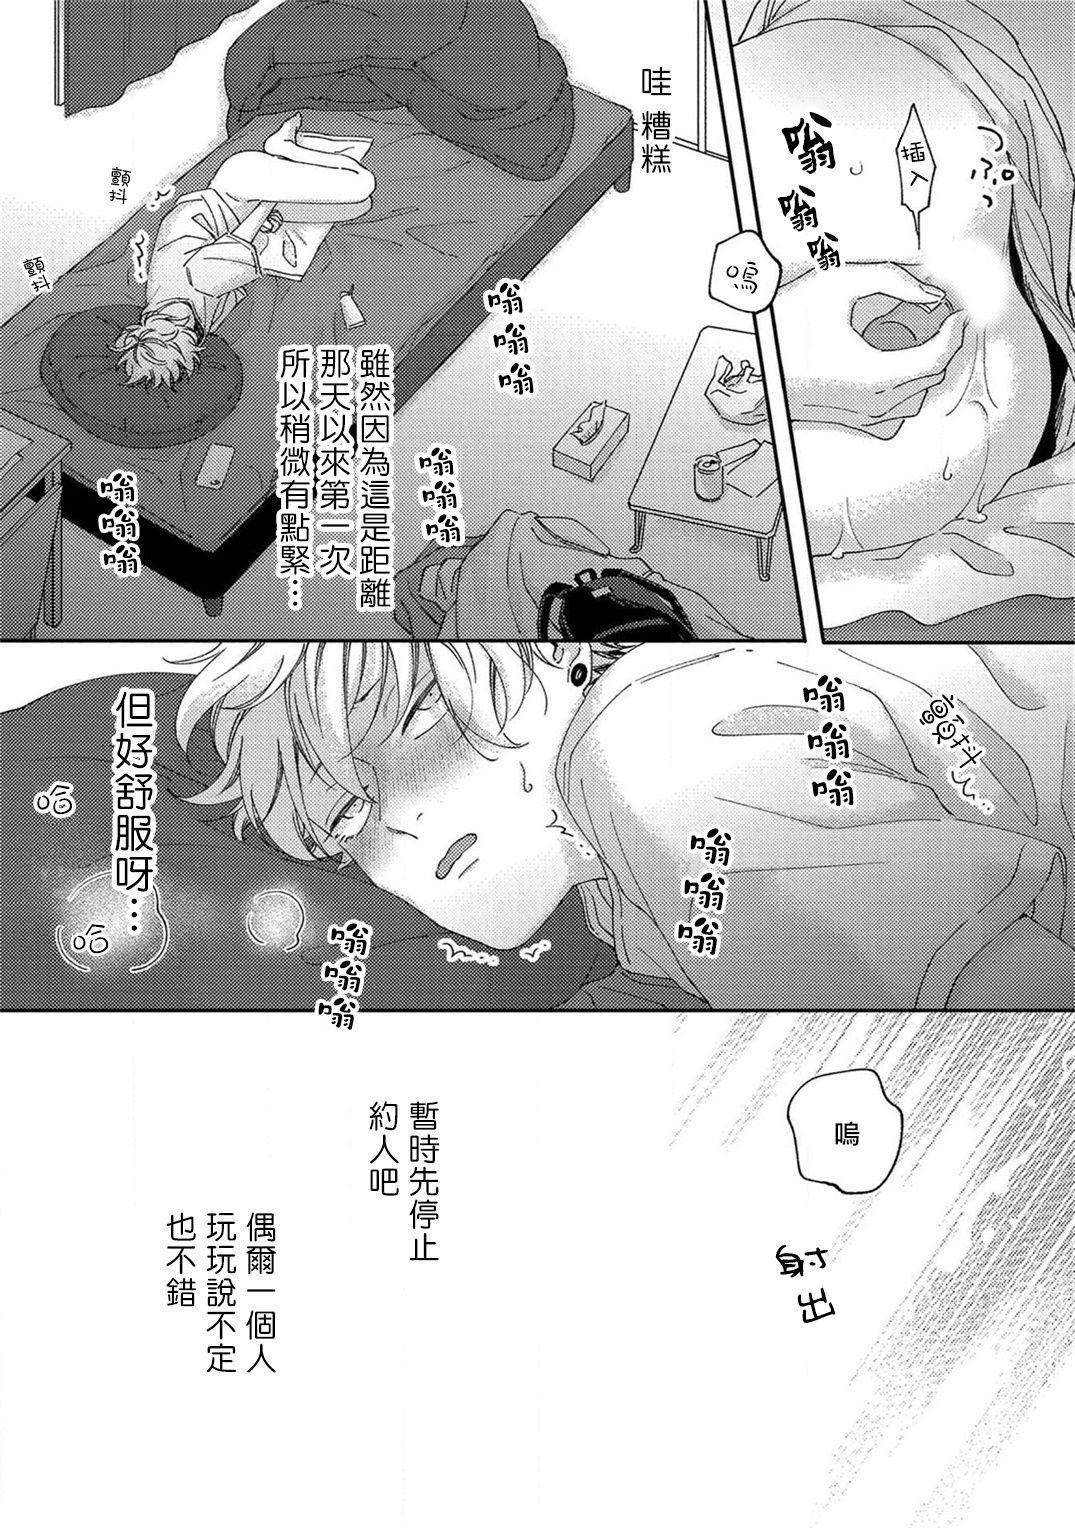 Sex Drop   情爱下坠 Ch. 1-5 完结 52